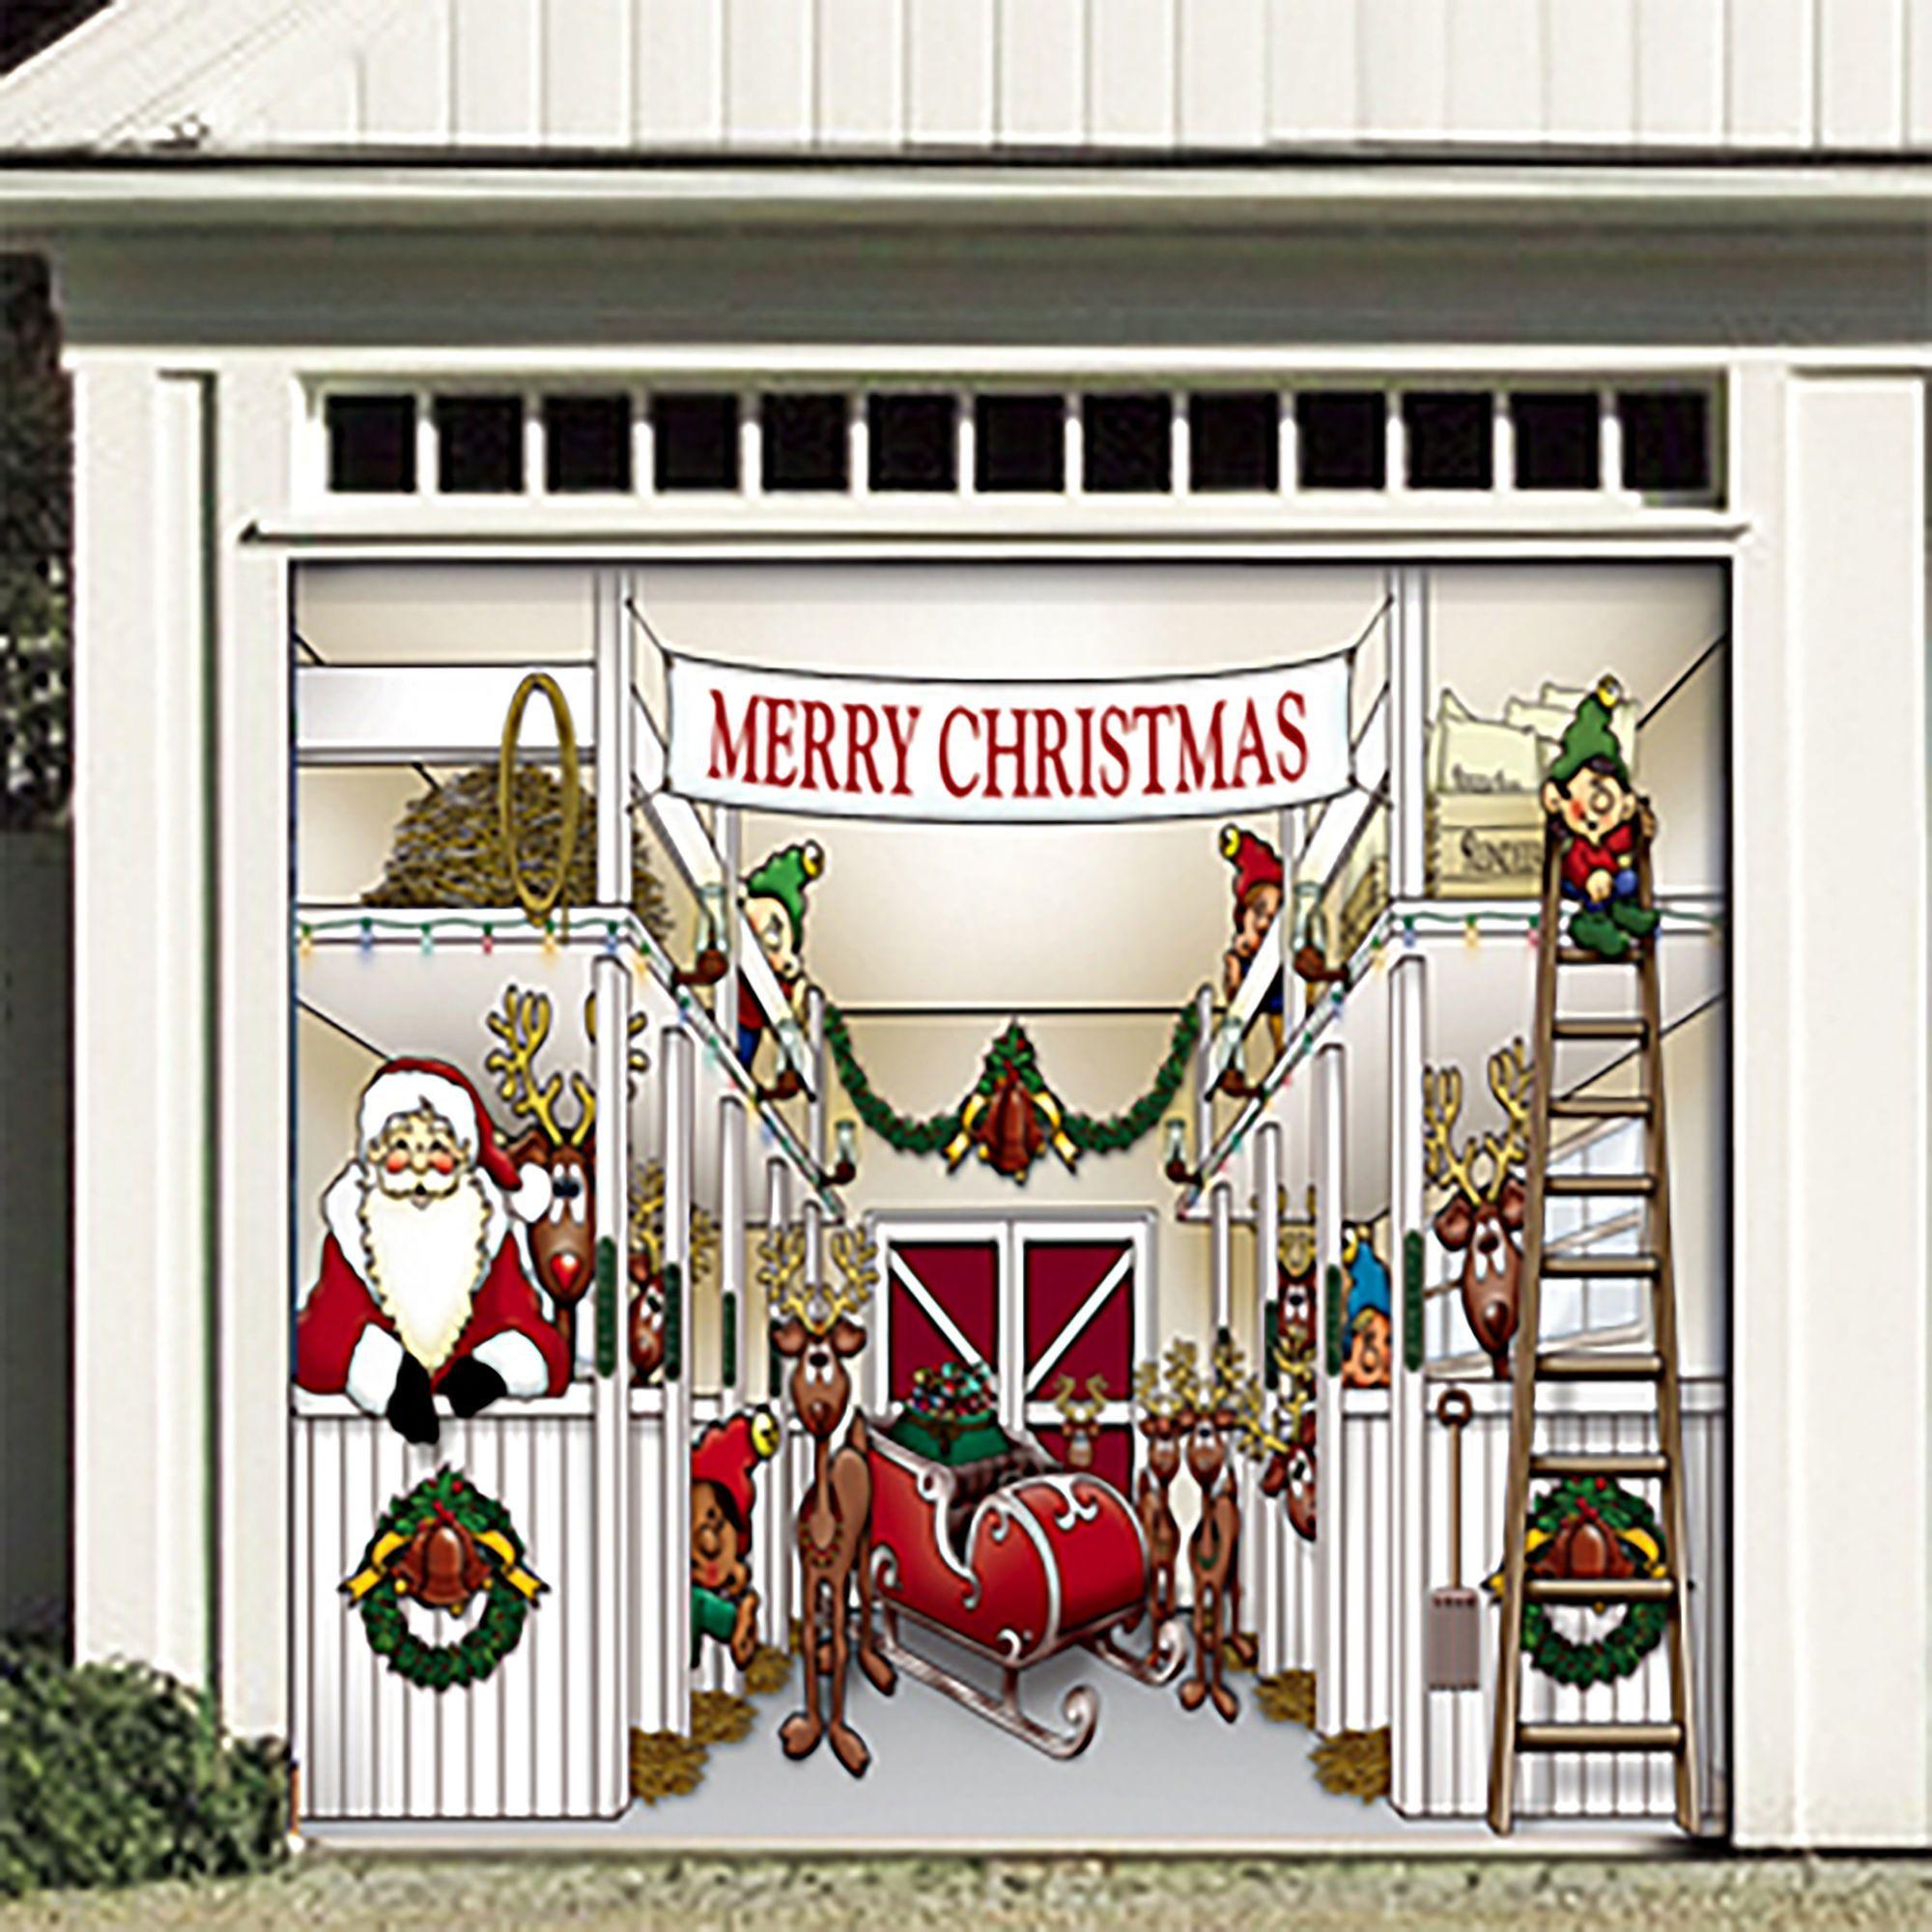 7 X 8 White And Red Santa S Reindeer Single Car Garage Door Banner In 2021 Garage Door Christmas Decorations Christmas Door Decorations Outdoor Christmas Decorations